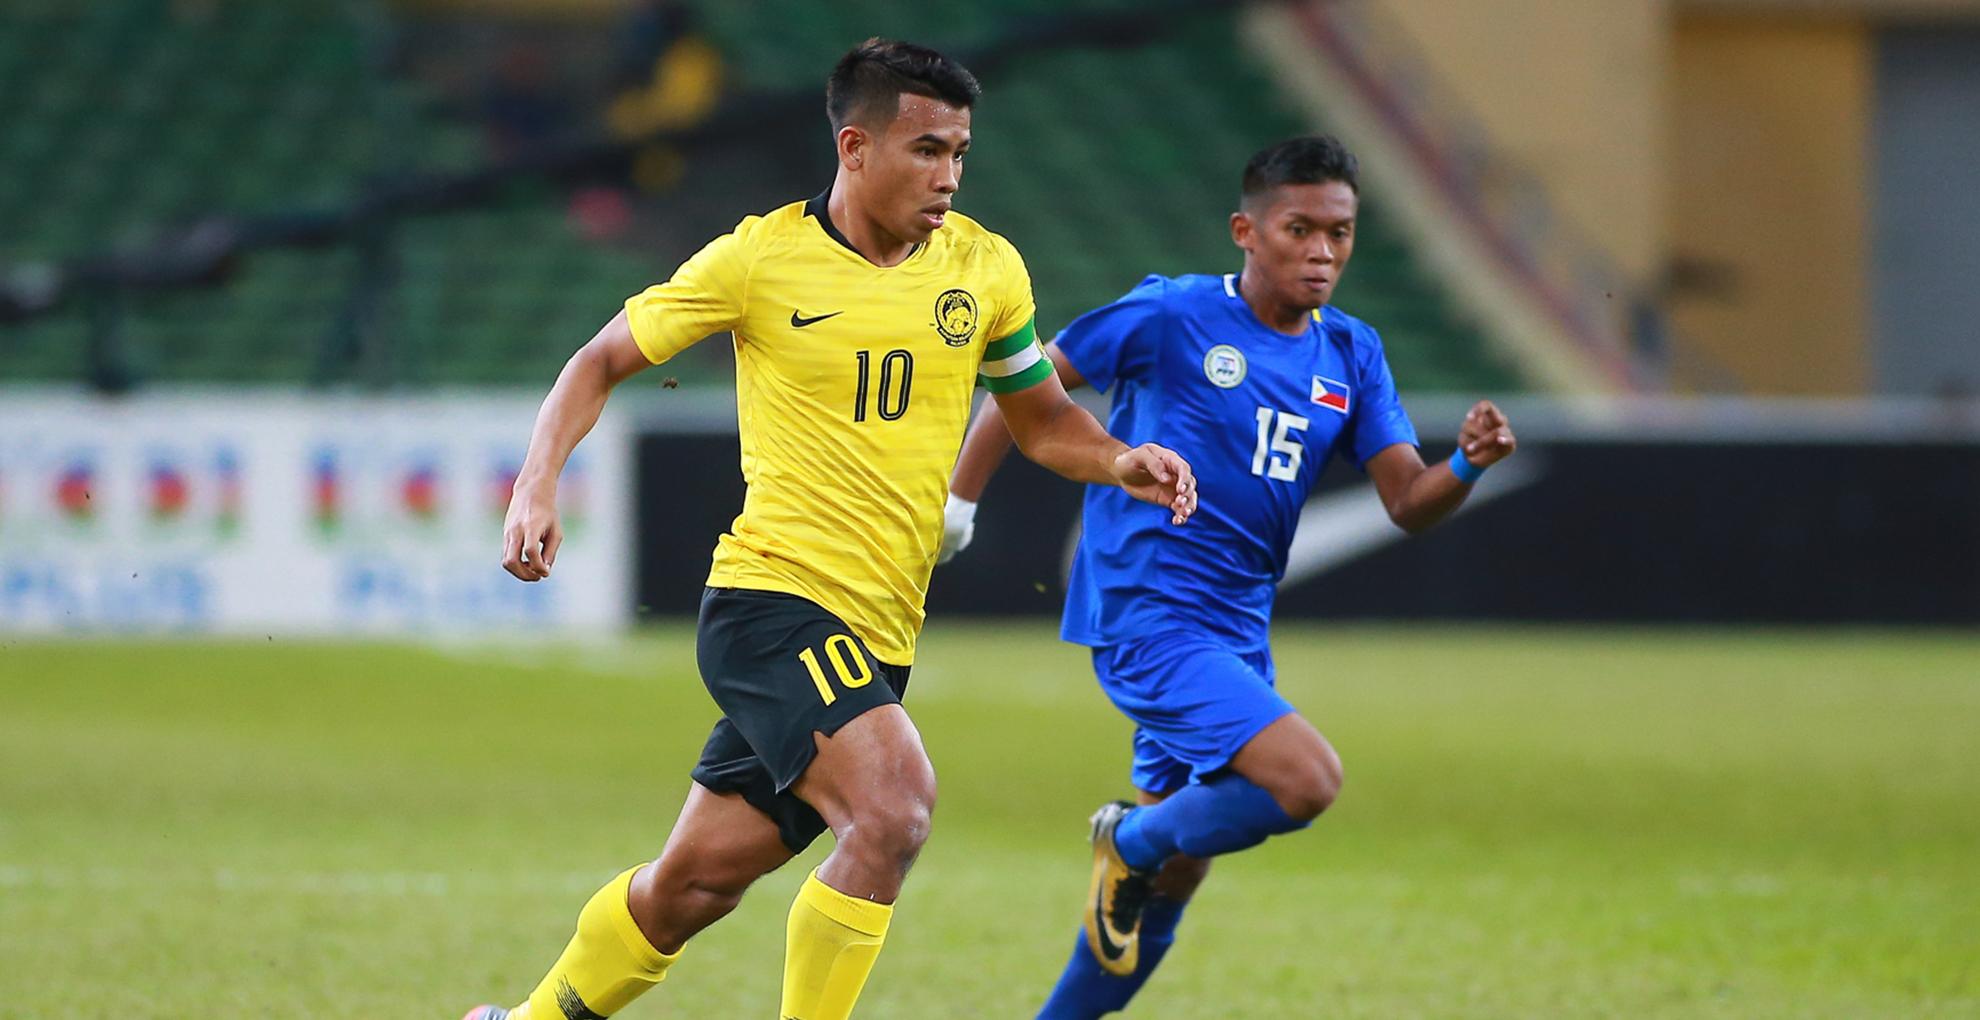 Safawi Rasid, Malaysia U23 v Philippines U23, AFC U23 Championship, 22 Mar 2019